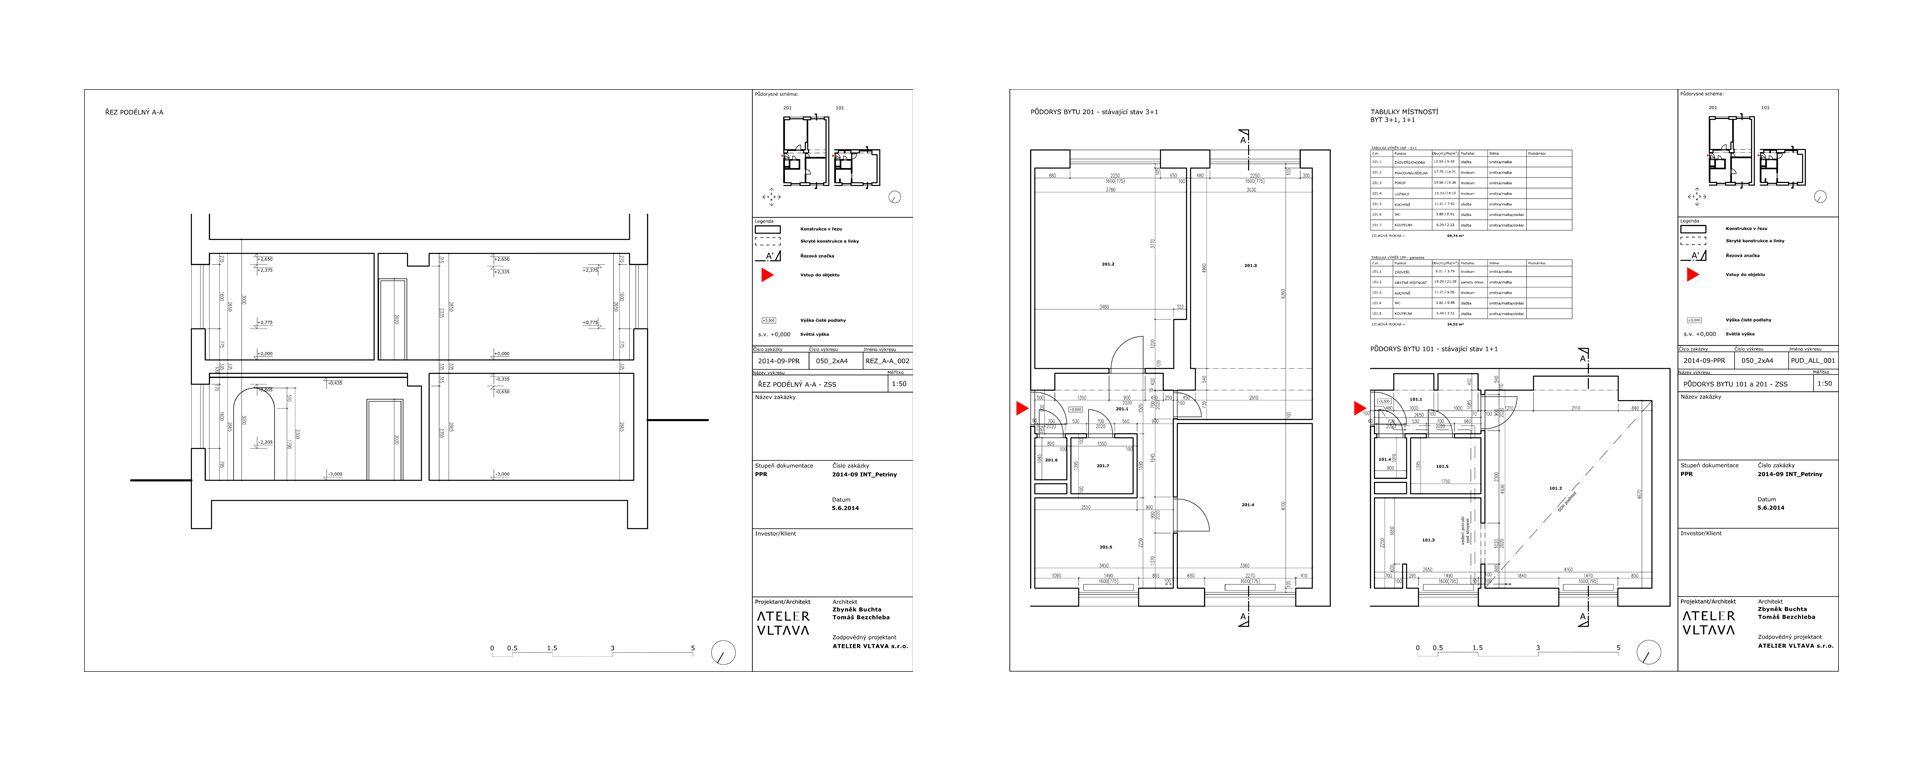 Rekonstrukce 2 bytových jednotek na mezonet, Petřiny, Praha, 2014, CZ